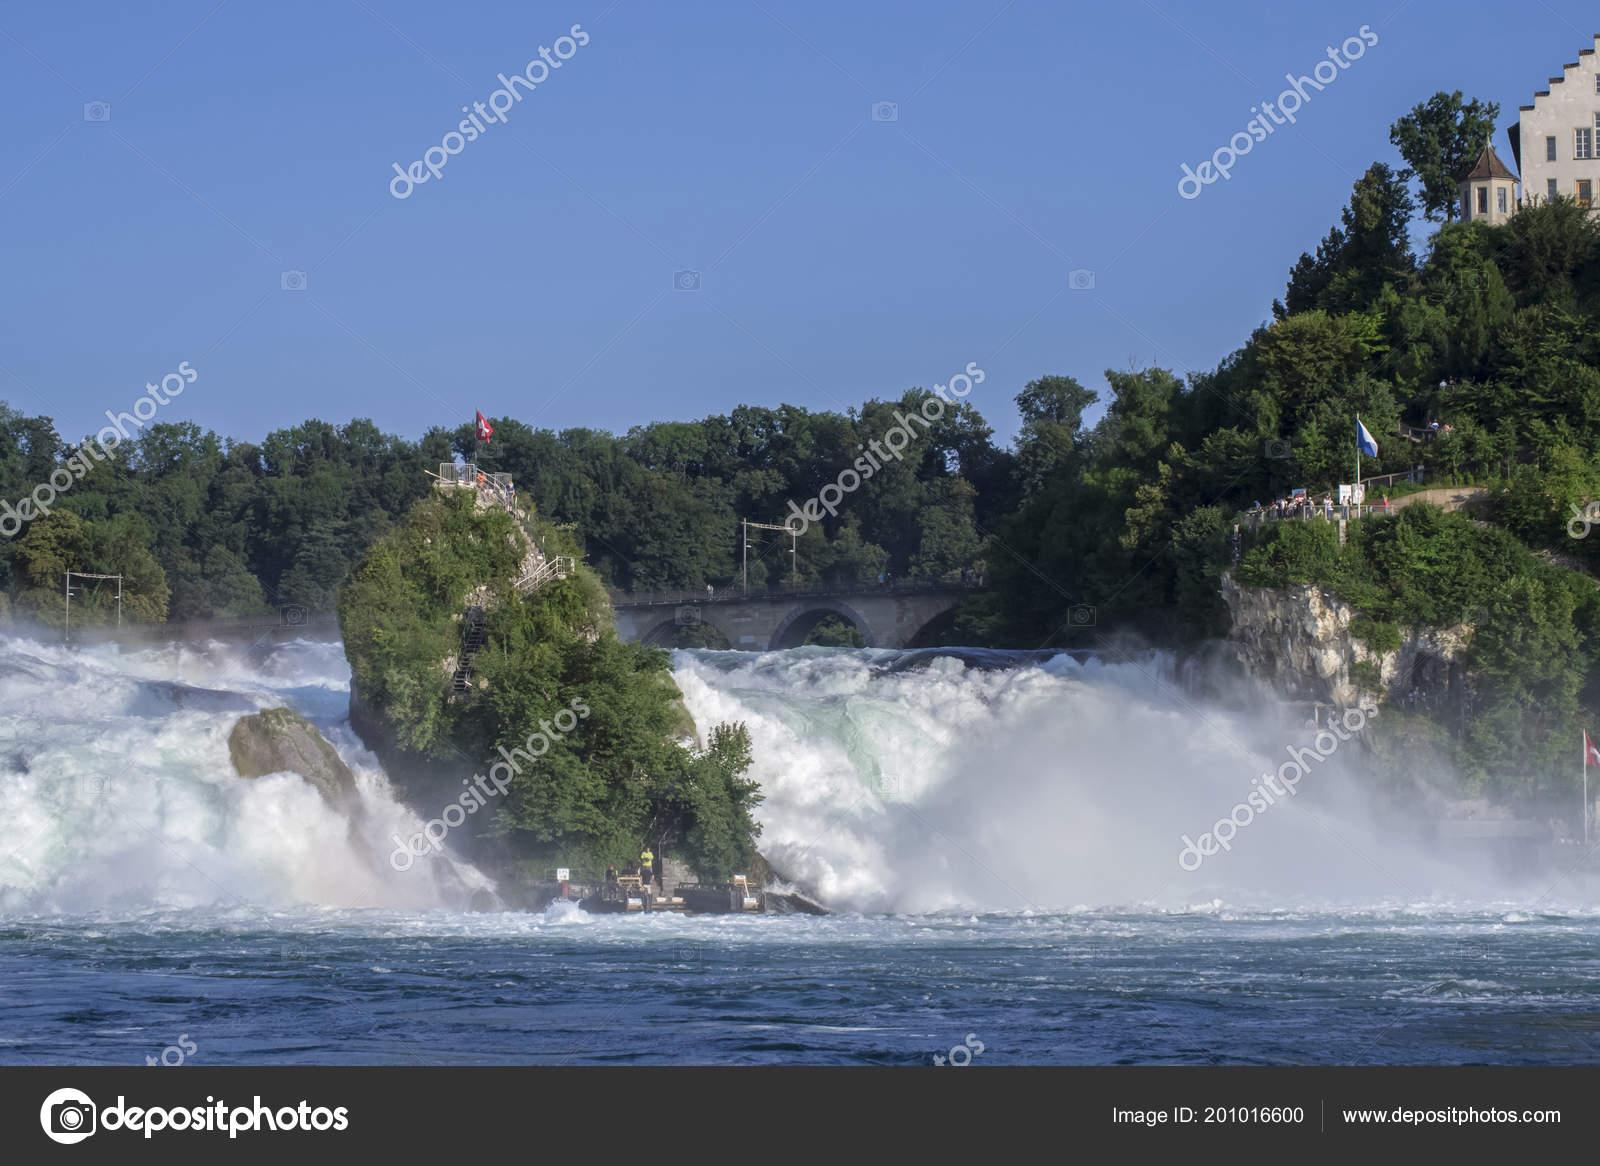 Waterval Rijn Zwitserland.Weergave Van Een Krachtige Waterval Rivier Rijn Zwitserland